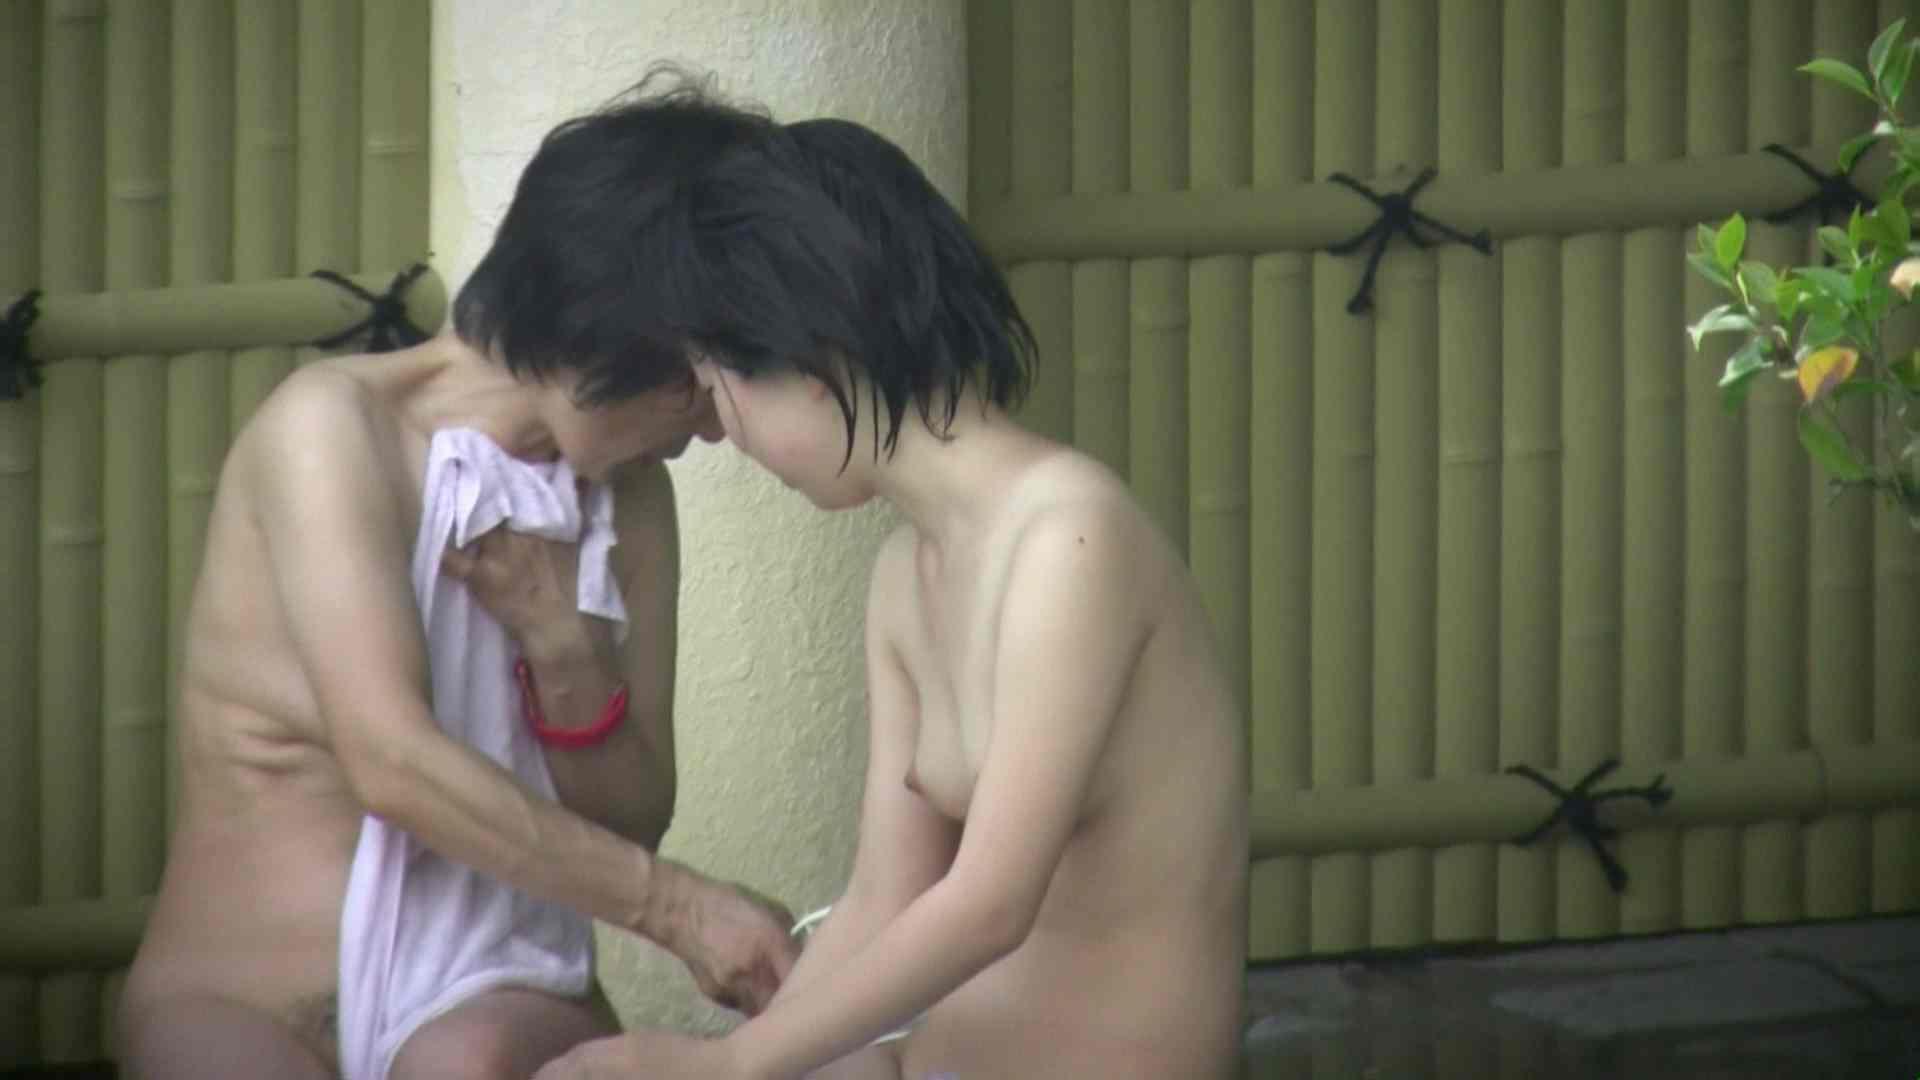 Aquaな露天風呂Vol.06【VIP】 盗撮  83画像 81